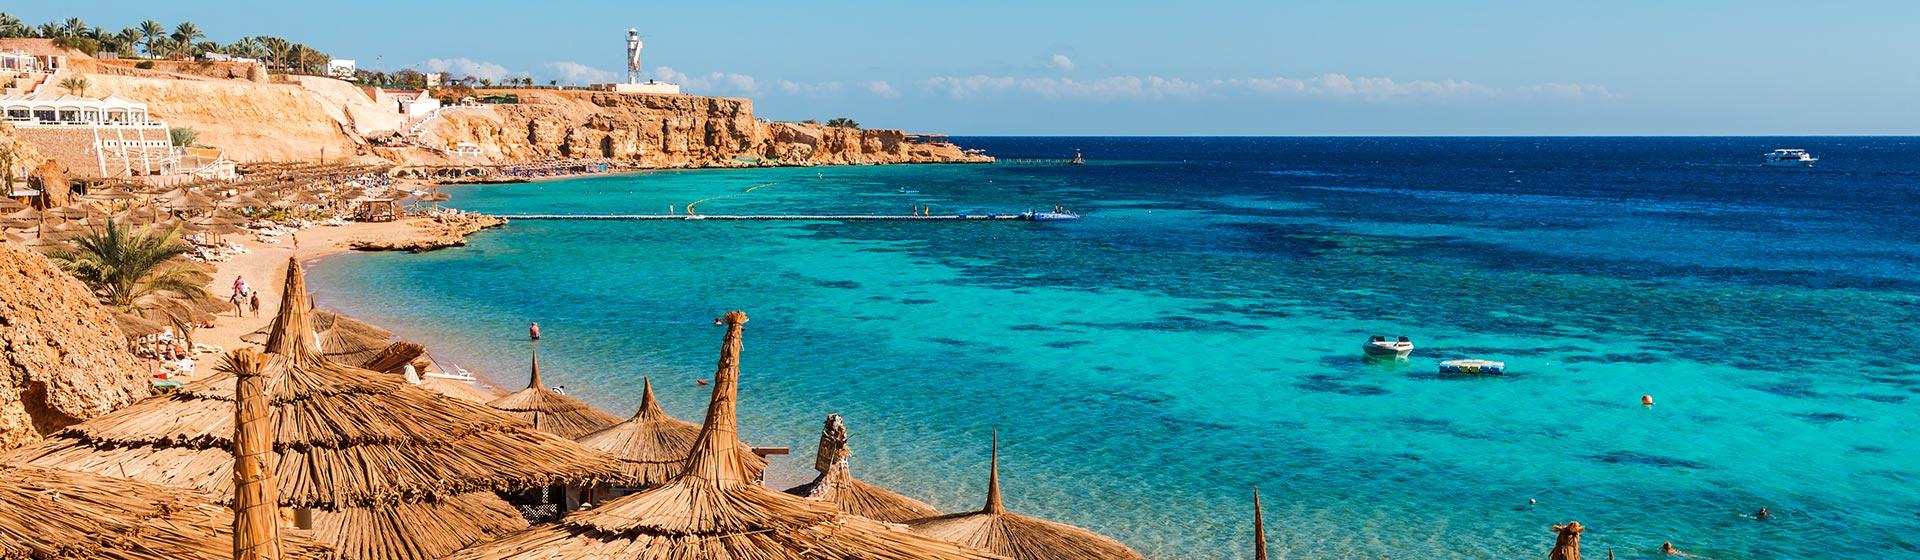 Mar Rojo/Sharm El Sheikh